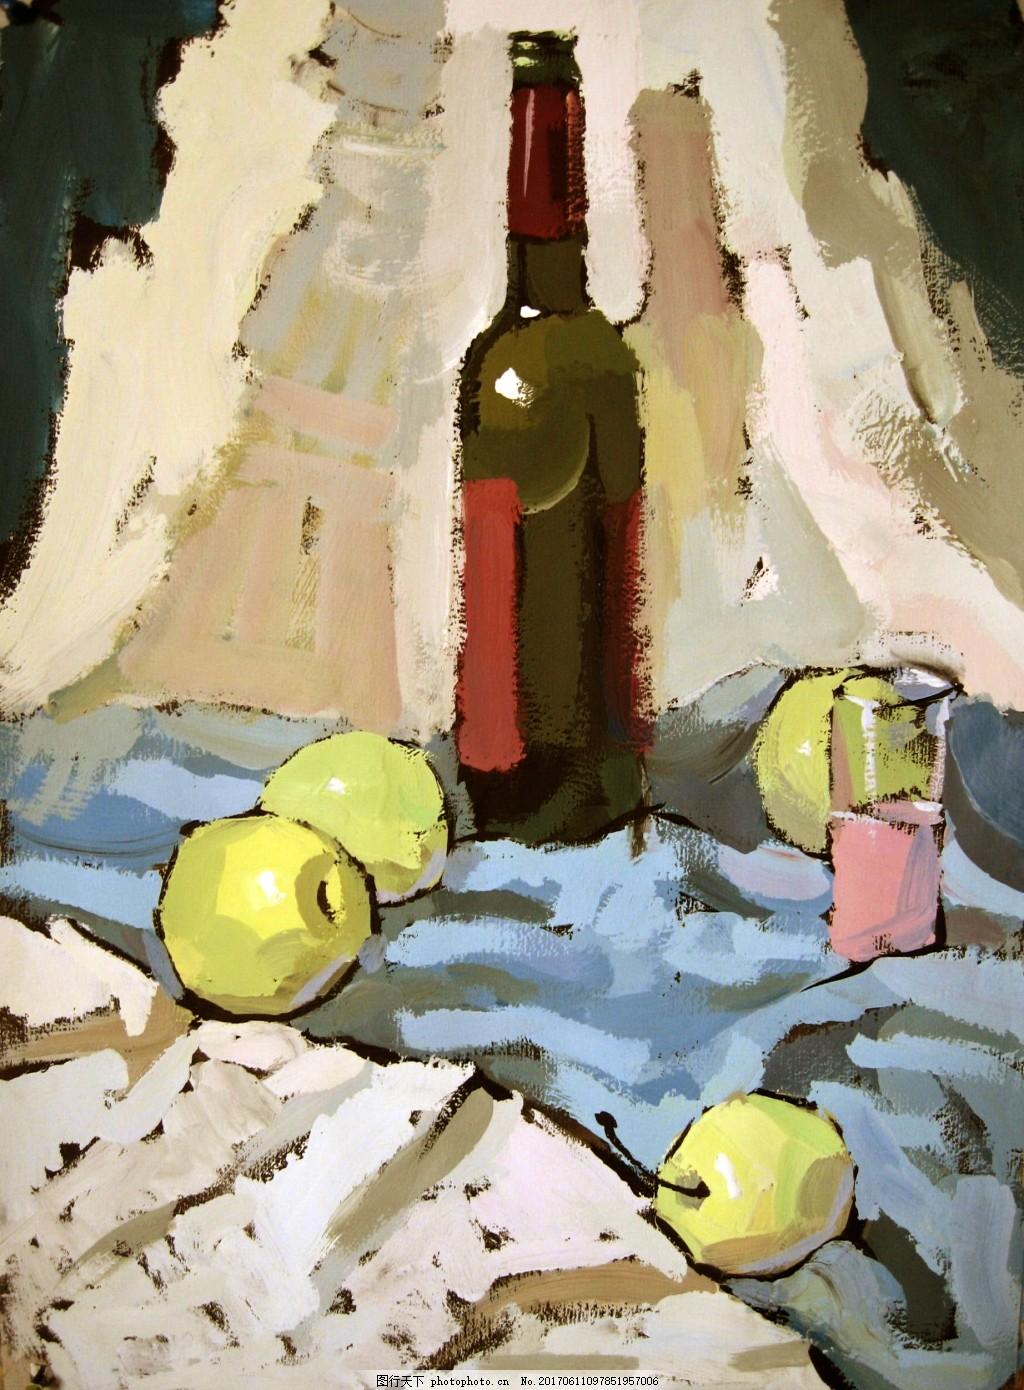 水粉 水粉静物 衬布 静物 色彩 绘画 美术 背景 酒瓶 装饰画 苹果